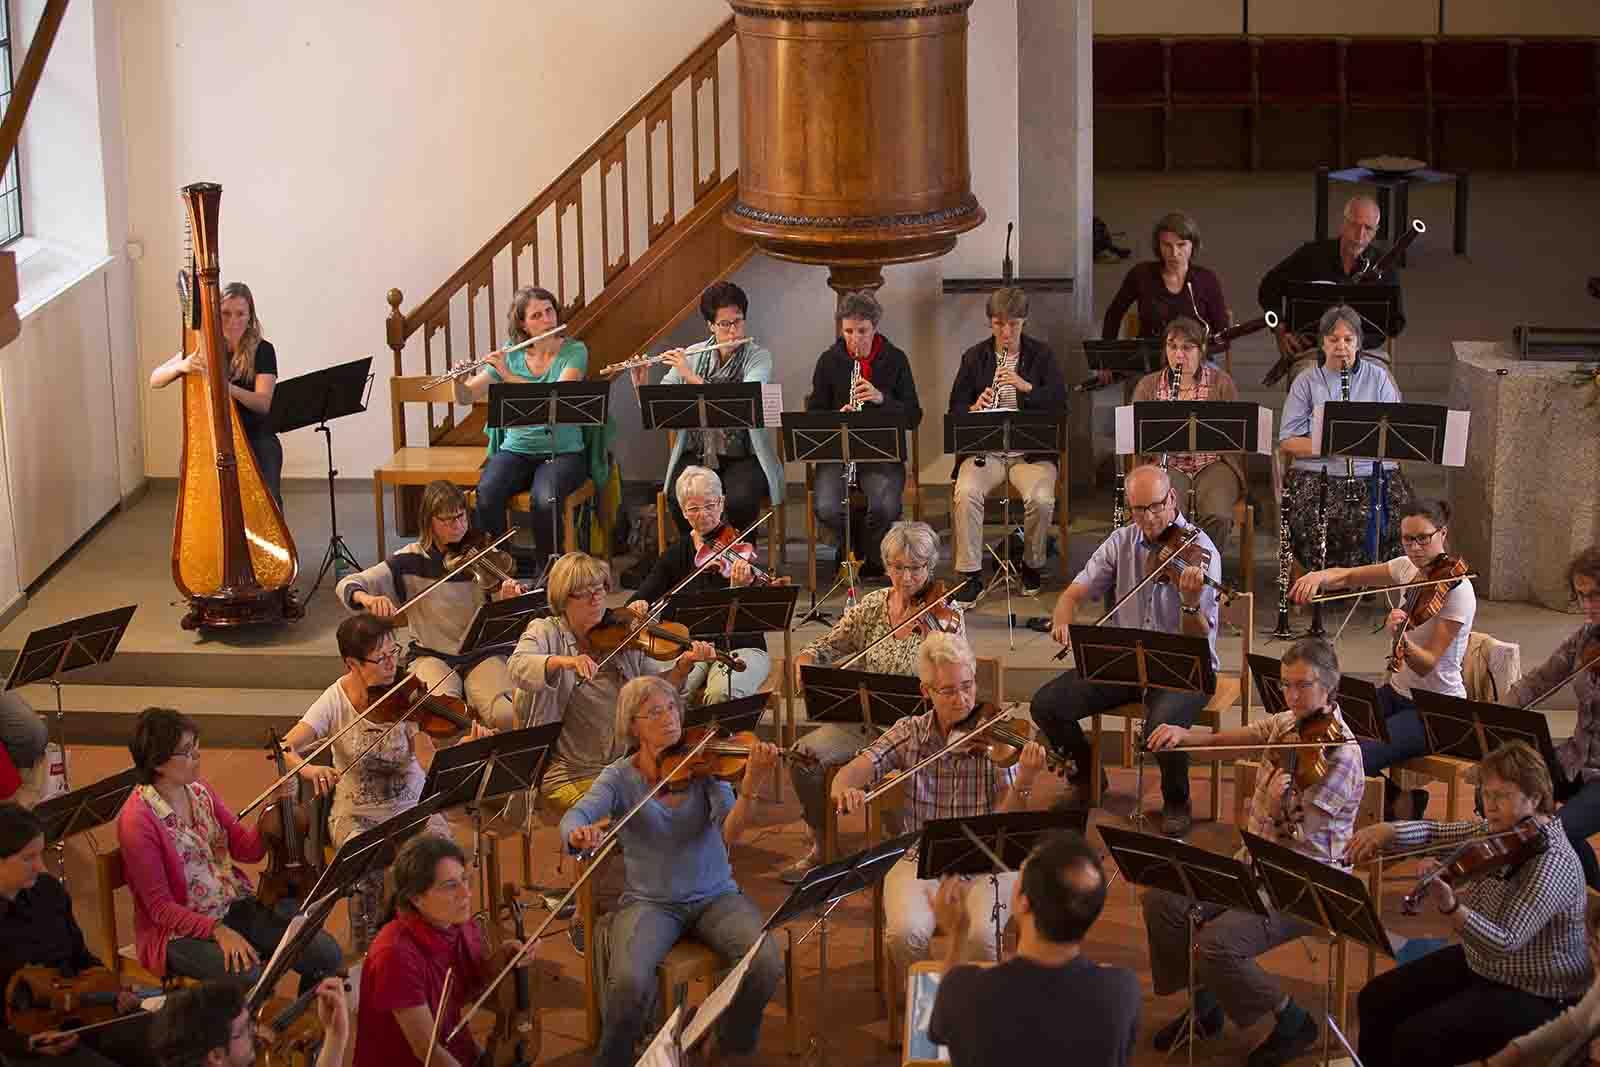 Die Sinfonietta Höngg lädt ein zur Serenade, diesmal führt die Reise nach Wien.